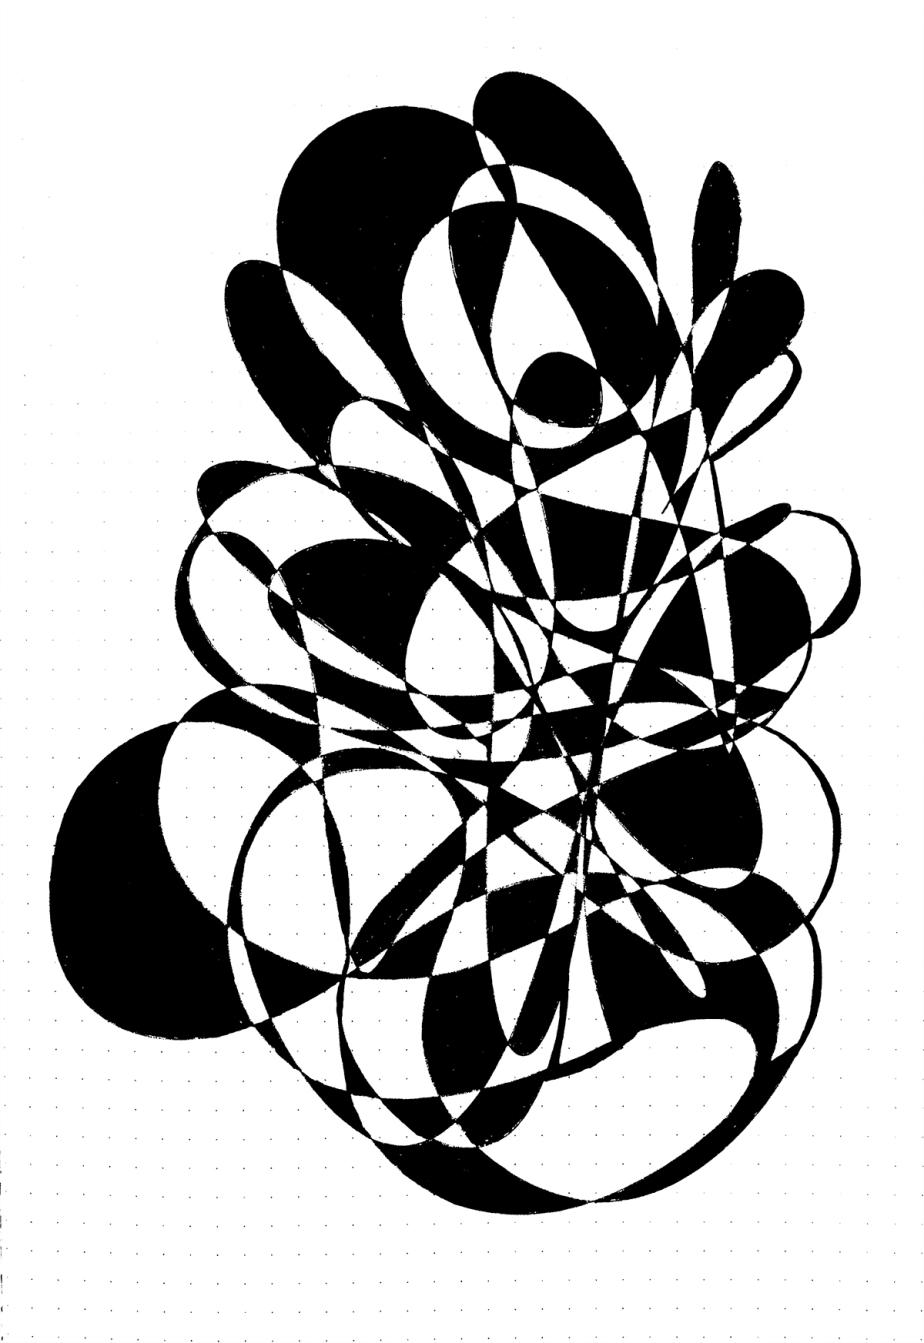 doodle19